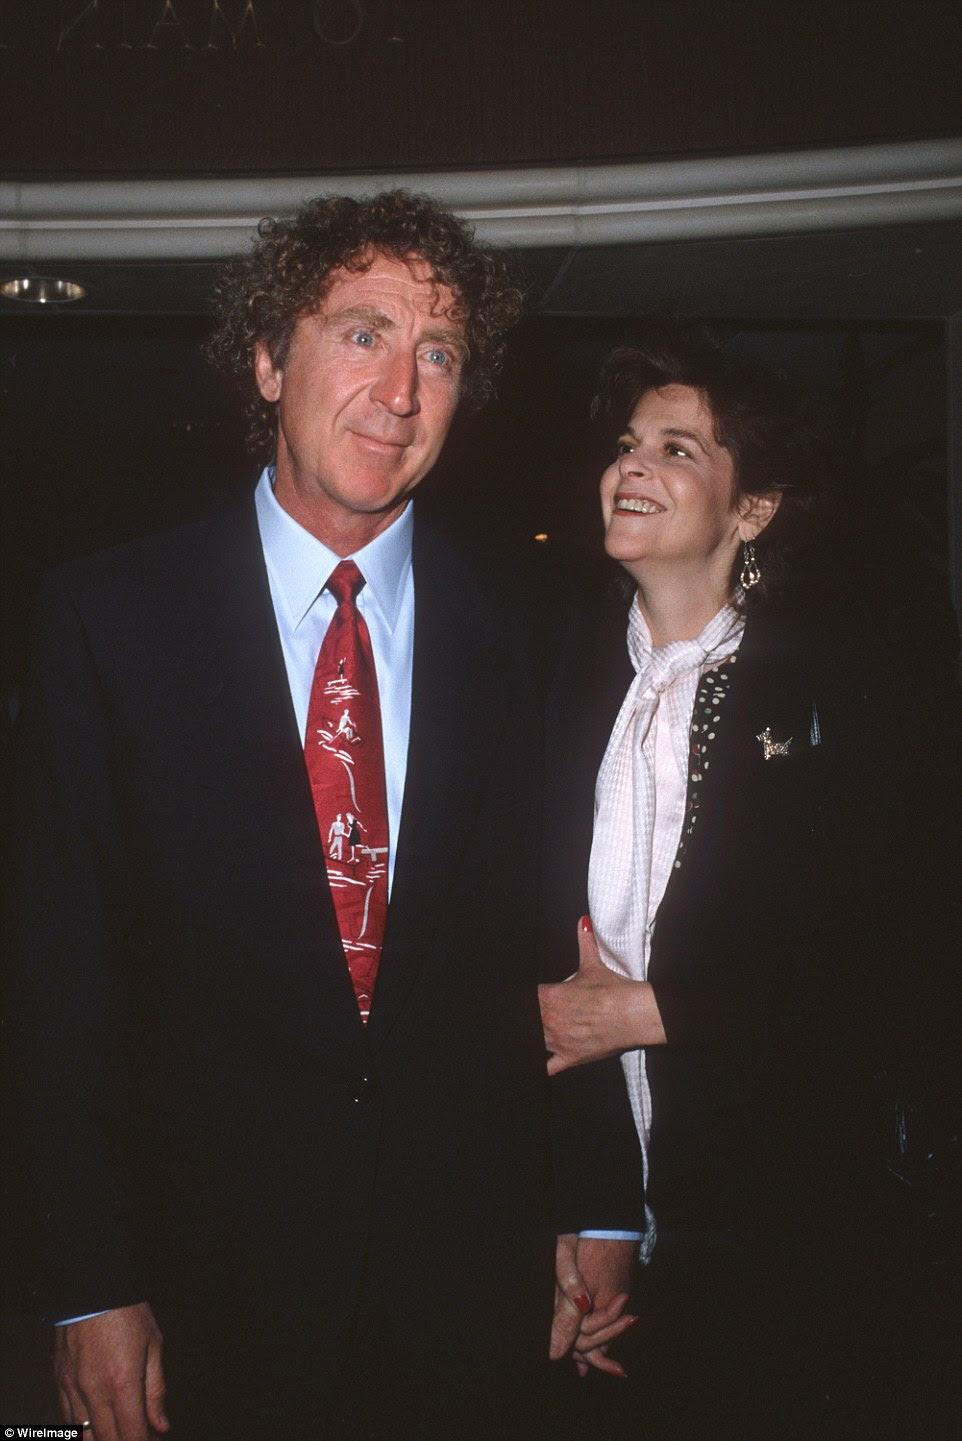 primeiros dois casamentos de Wilder acabou em divórcio.  Em 1984, casou-se Saturday Night Live comediante Gilda Radner (foto juntos acima), que morreu cinco anos depois, de câncer.  Ele deixa sua quarta esposa, Boyer, com quem se casou em 1991